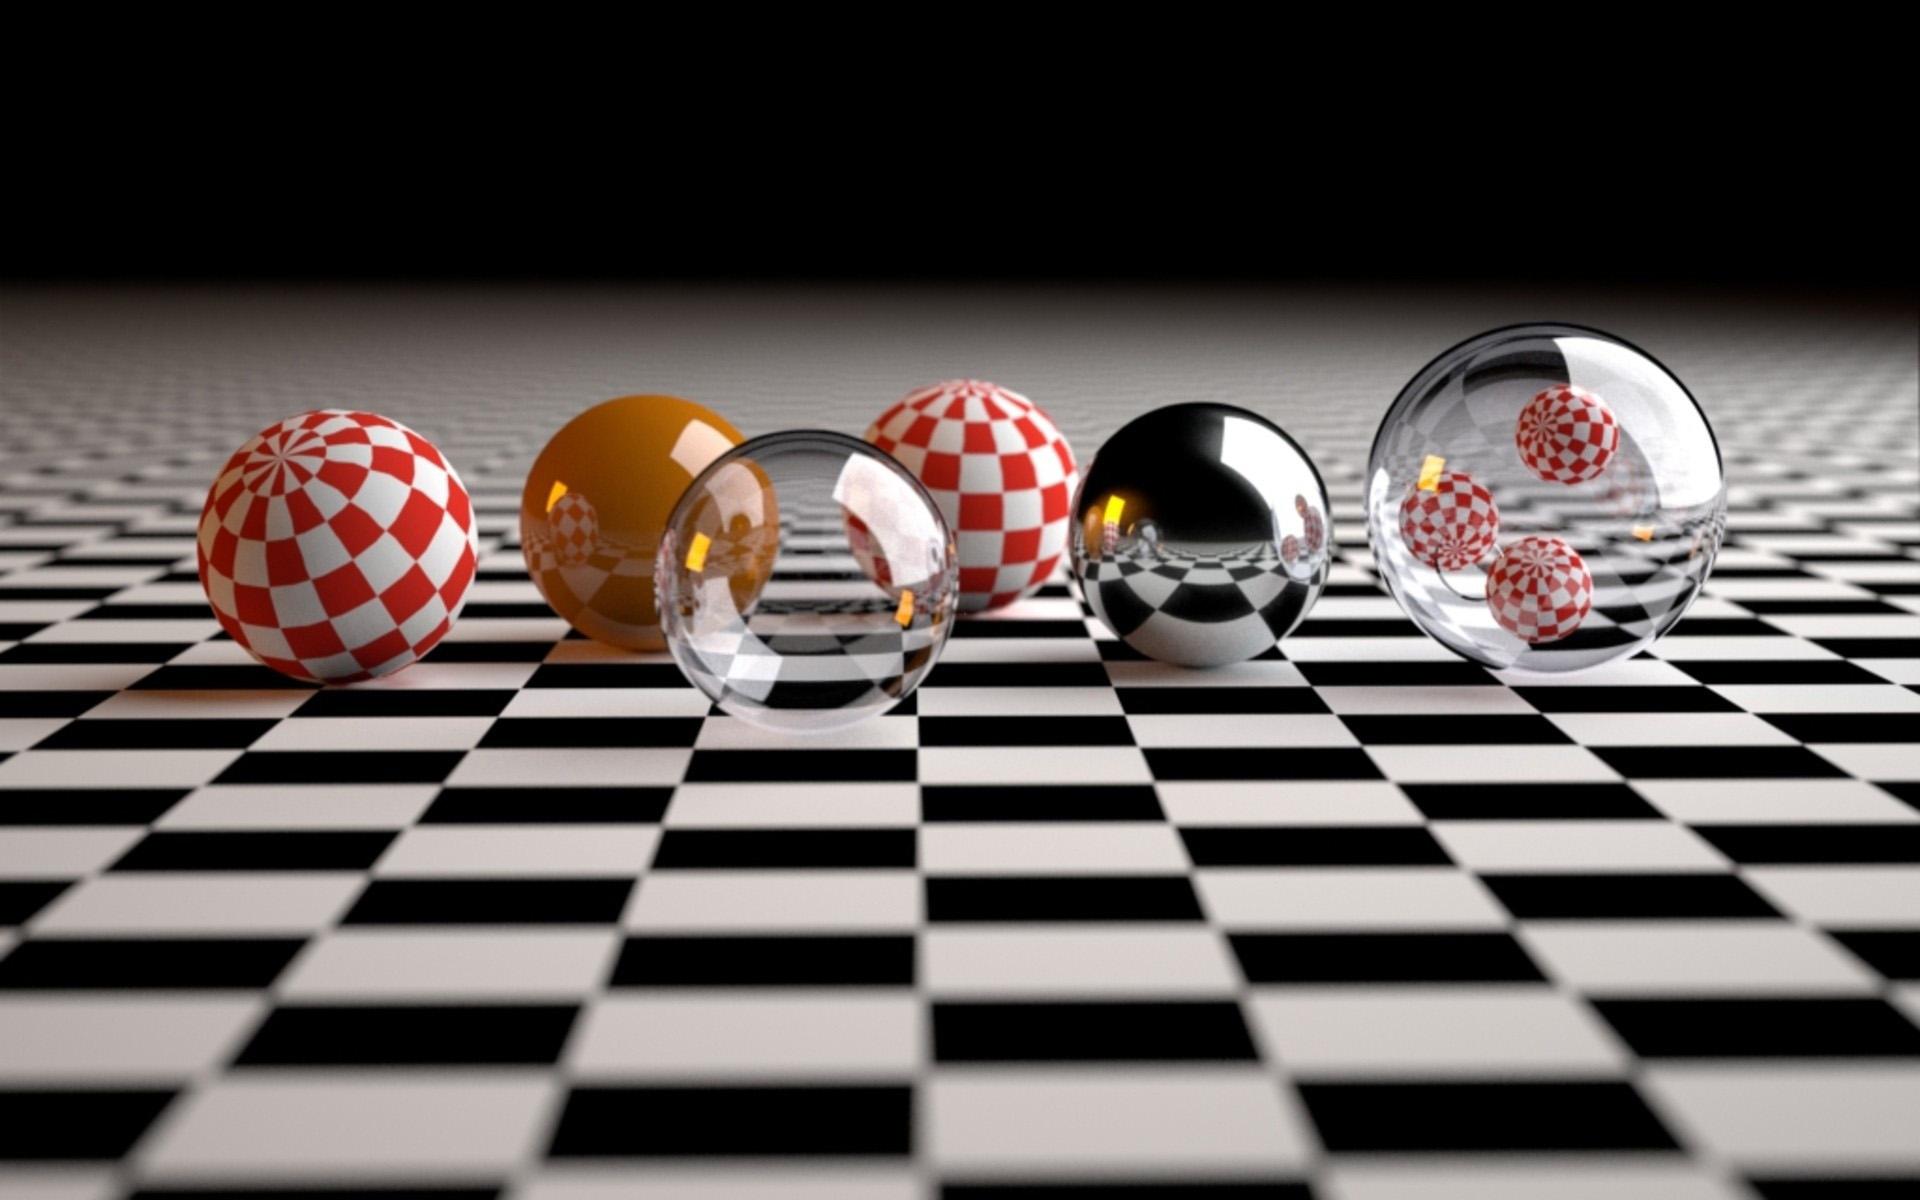 Free Snoopy Fall Wallpaper Checkerboard Wallpaper Hd Pixelstalk Net